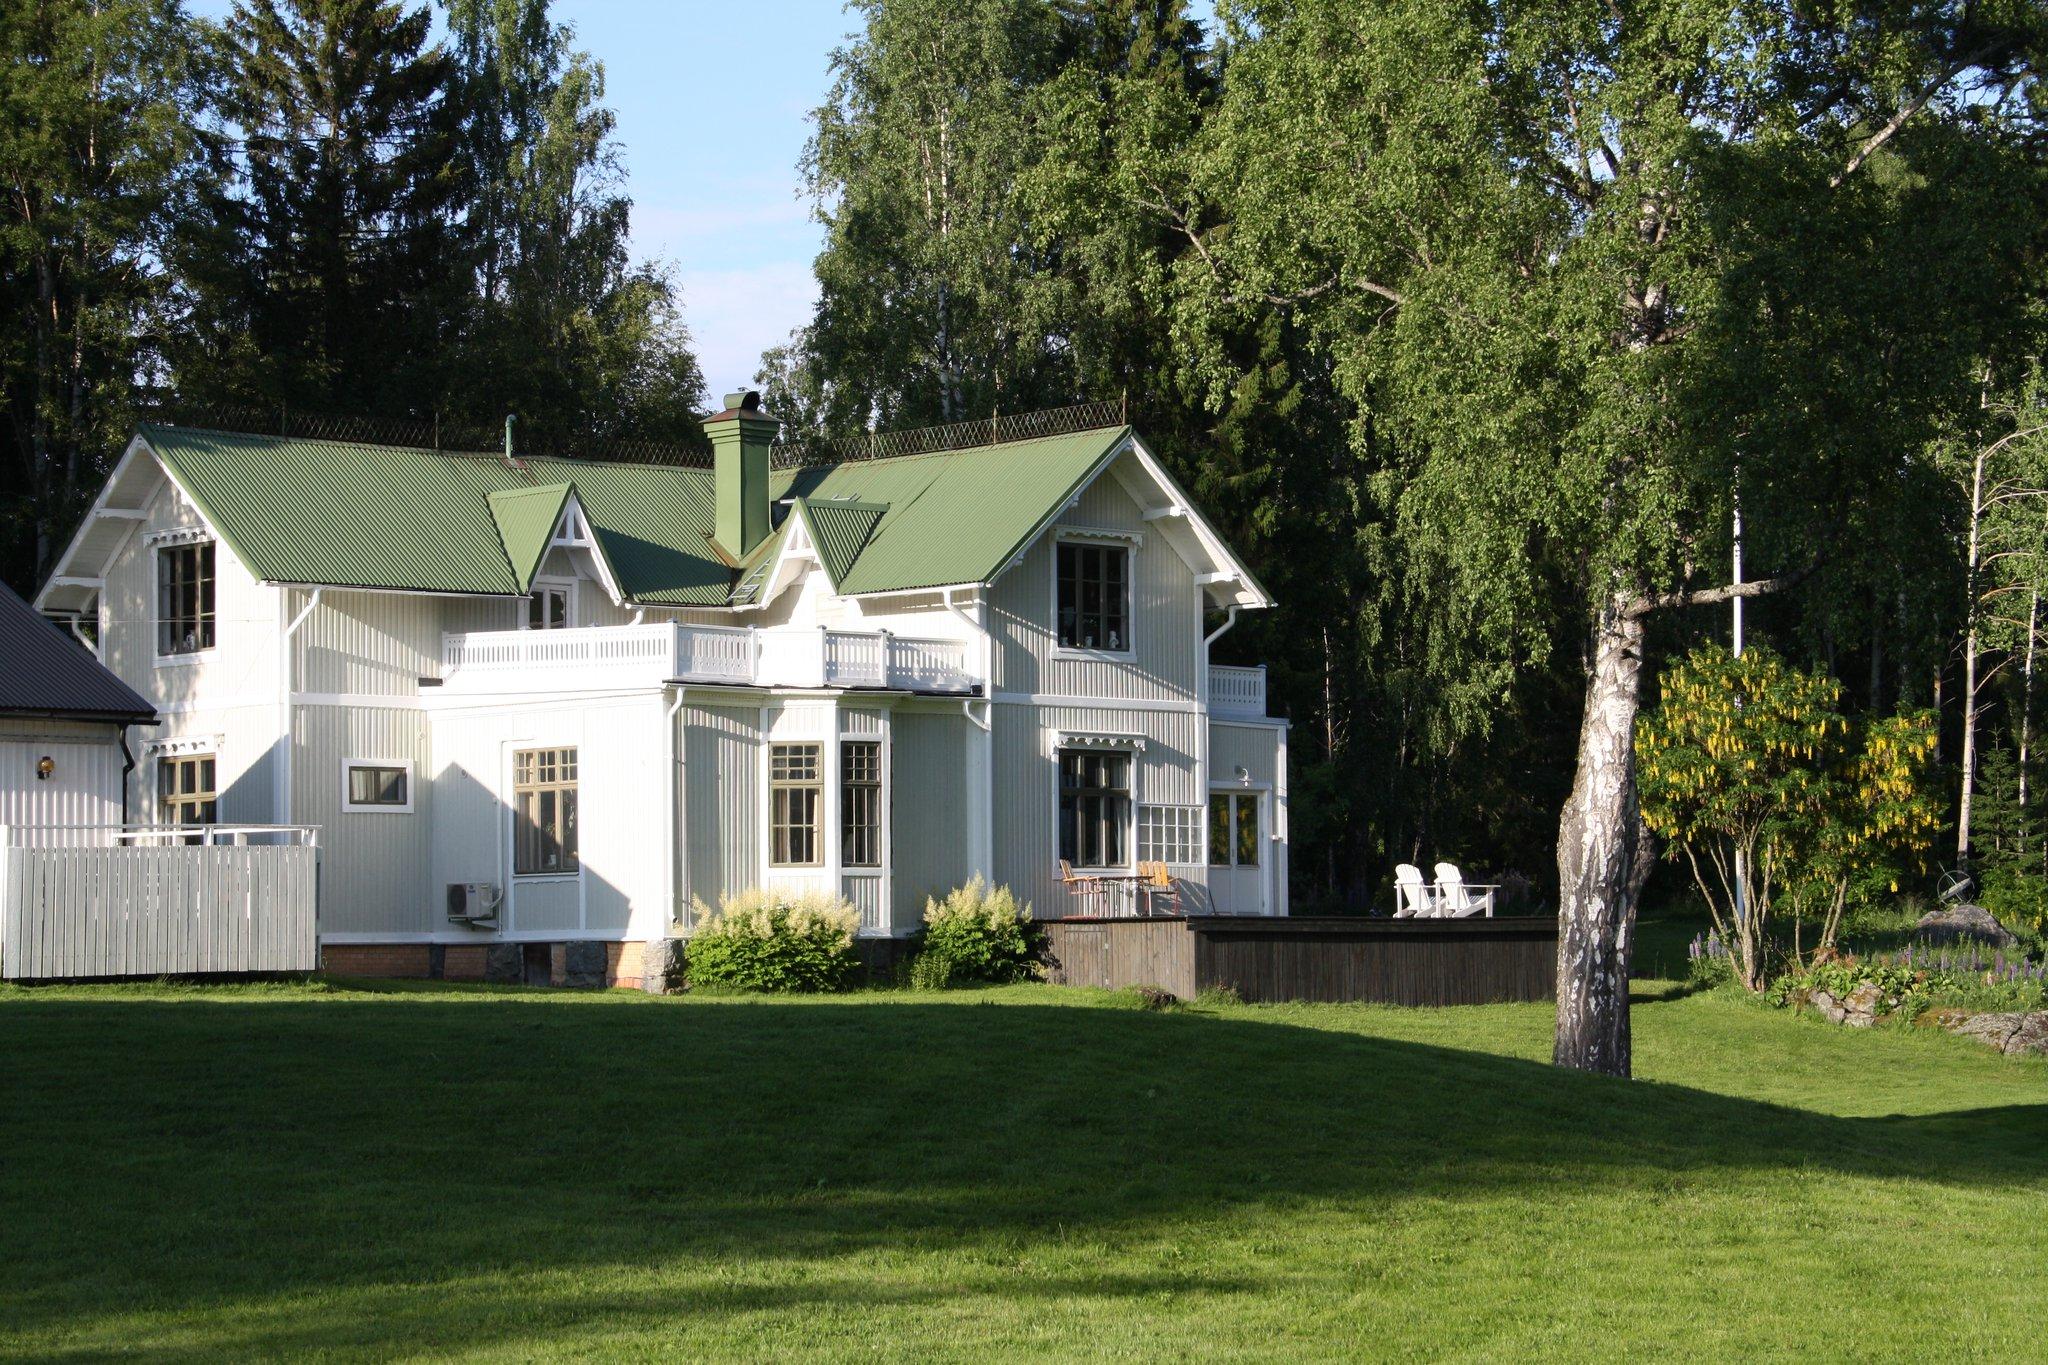 Villa Granli Eva Sellen